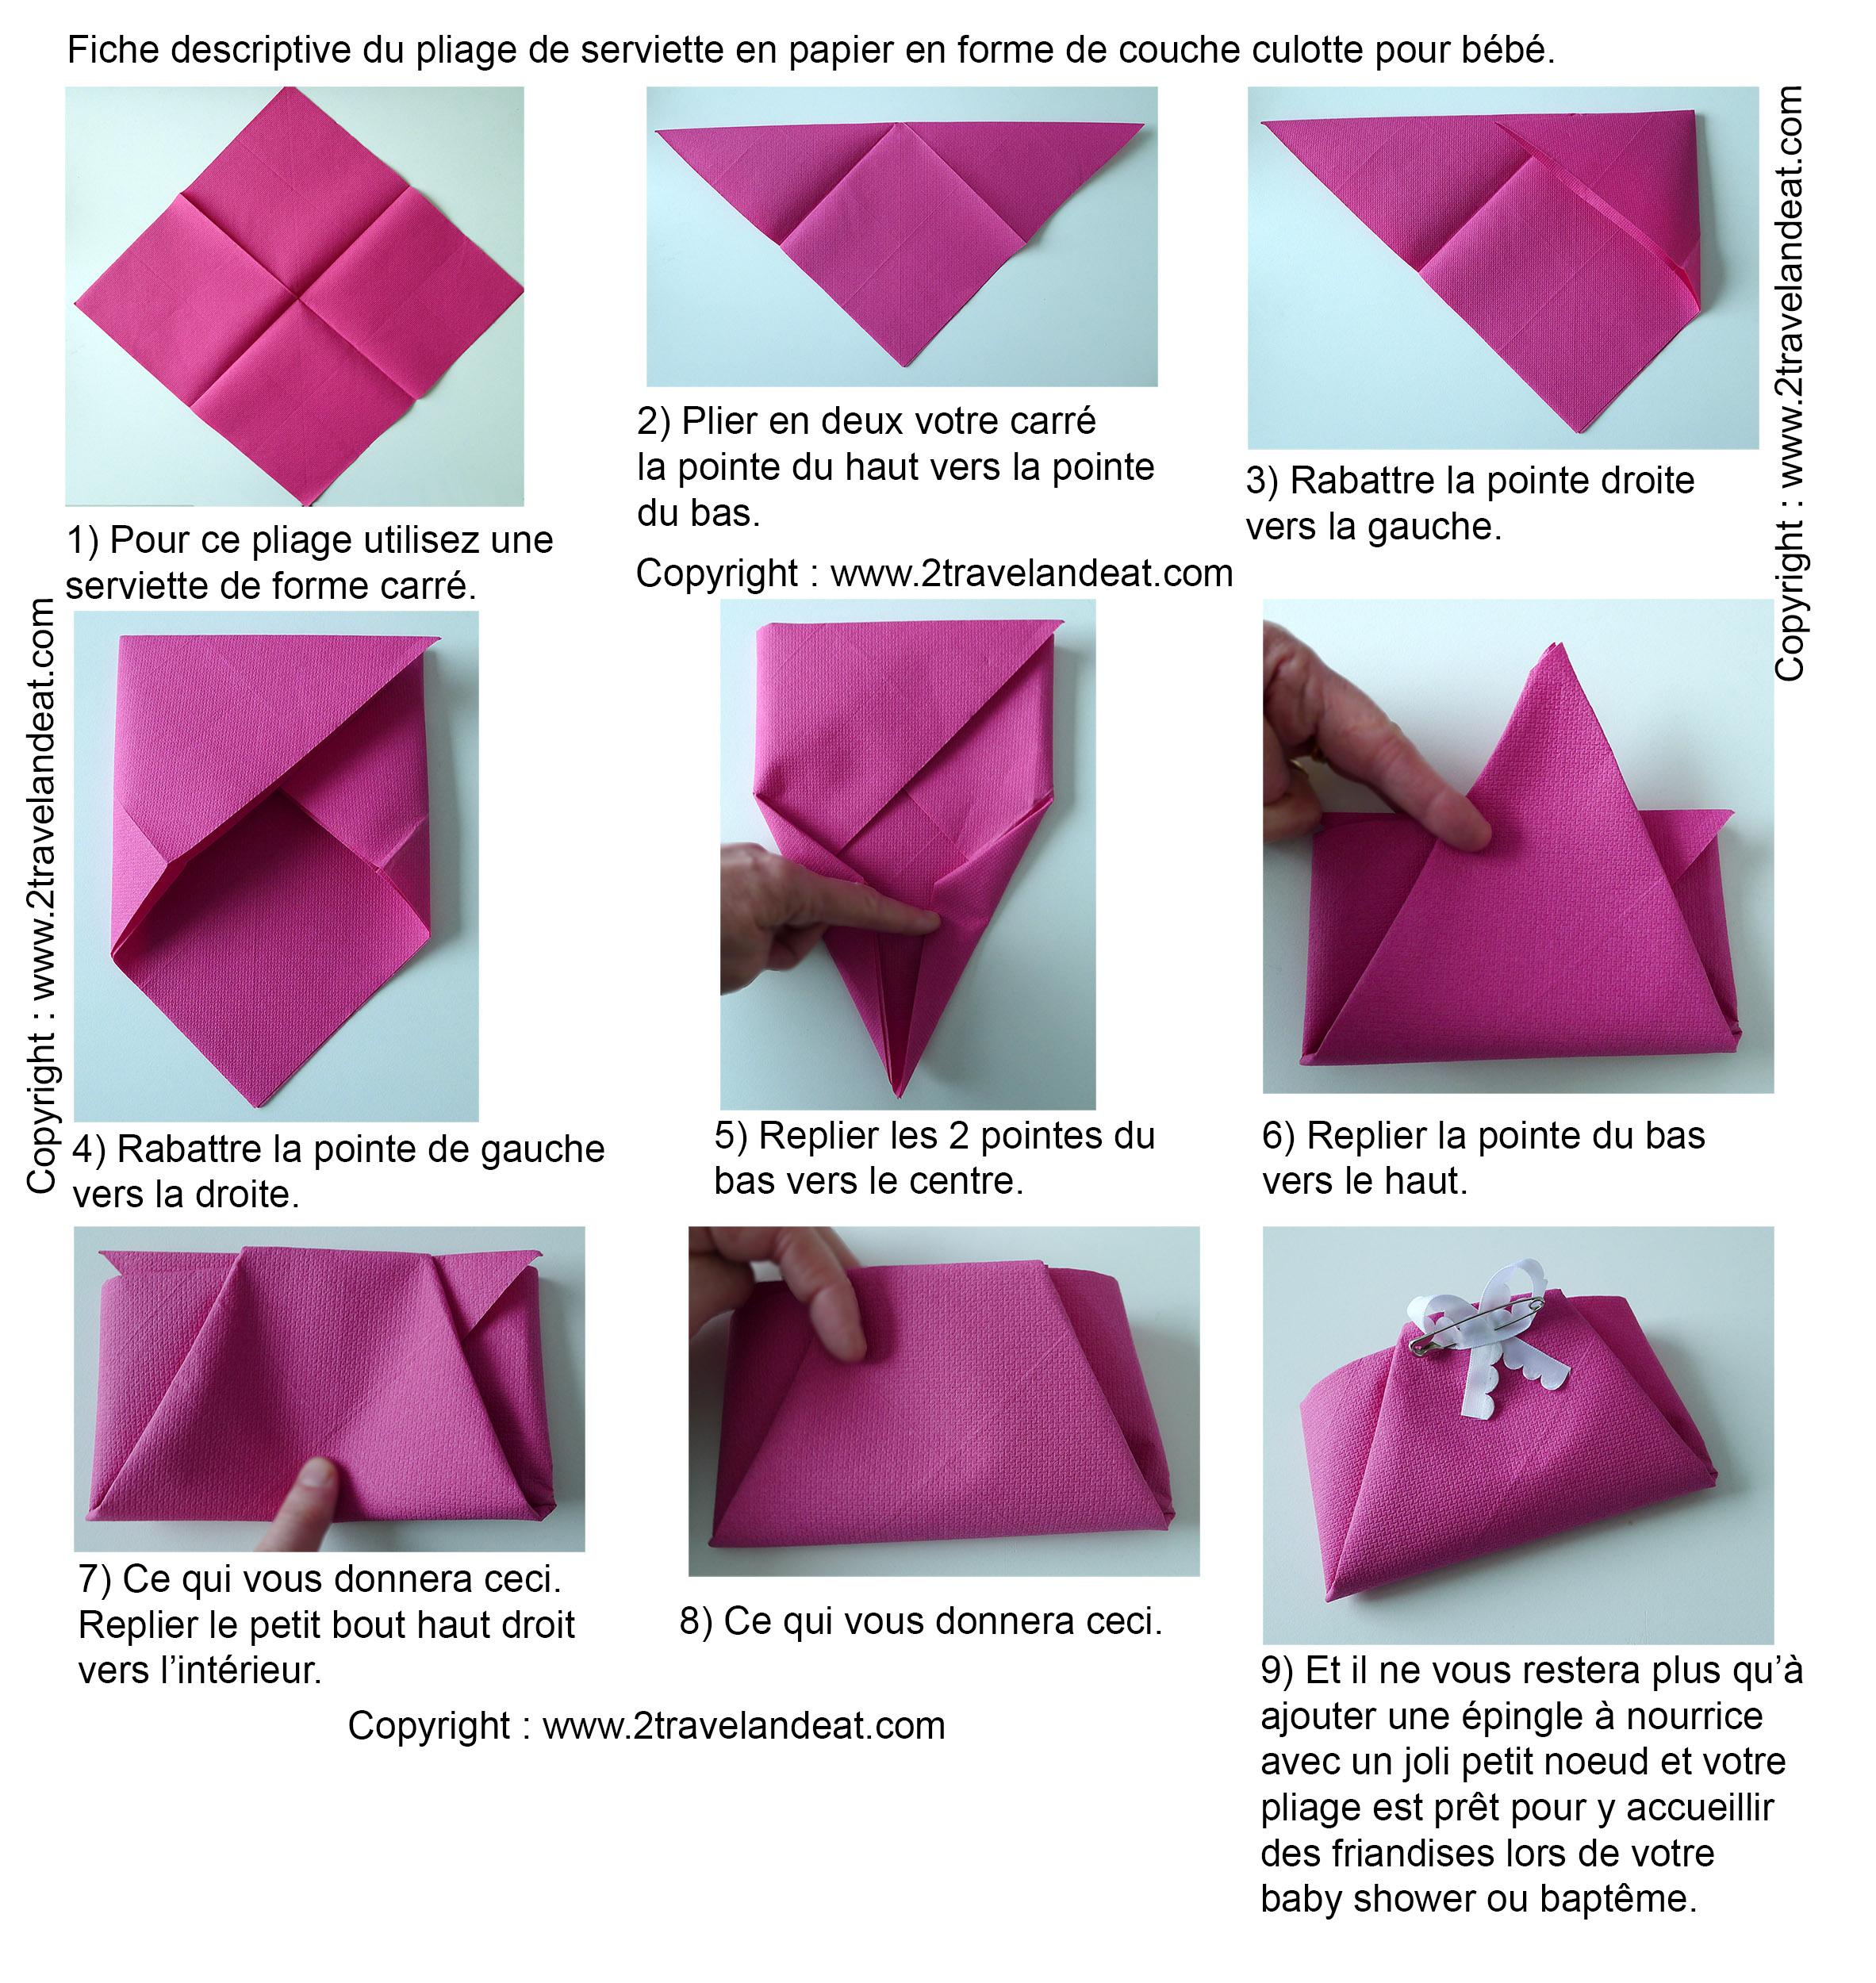 explicative pour le pliage de serviette en papier en forme de lotus